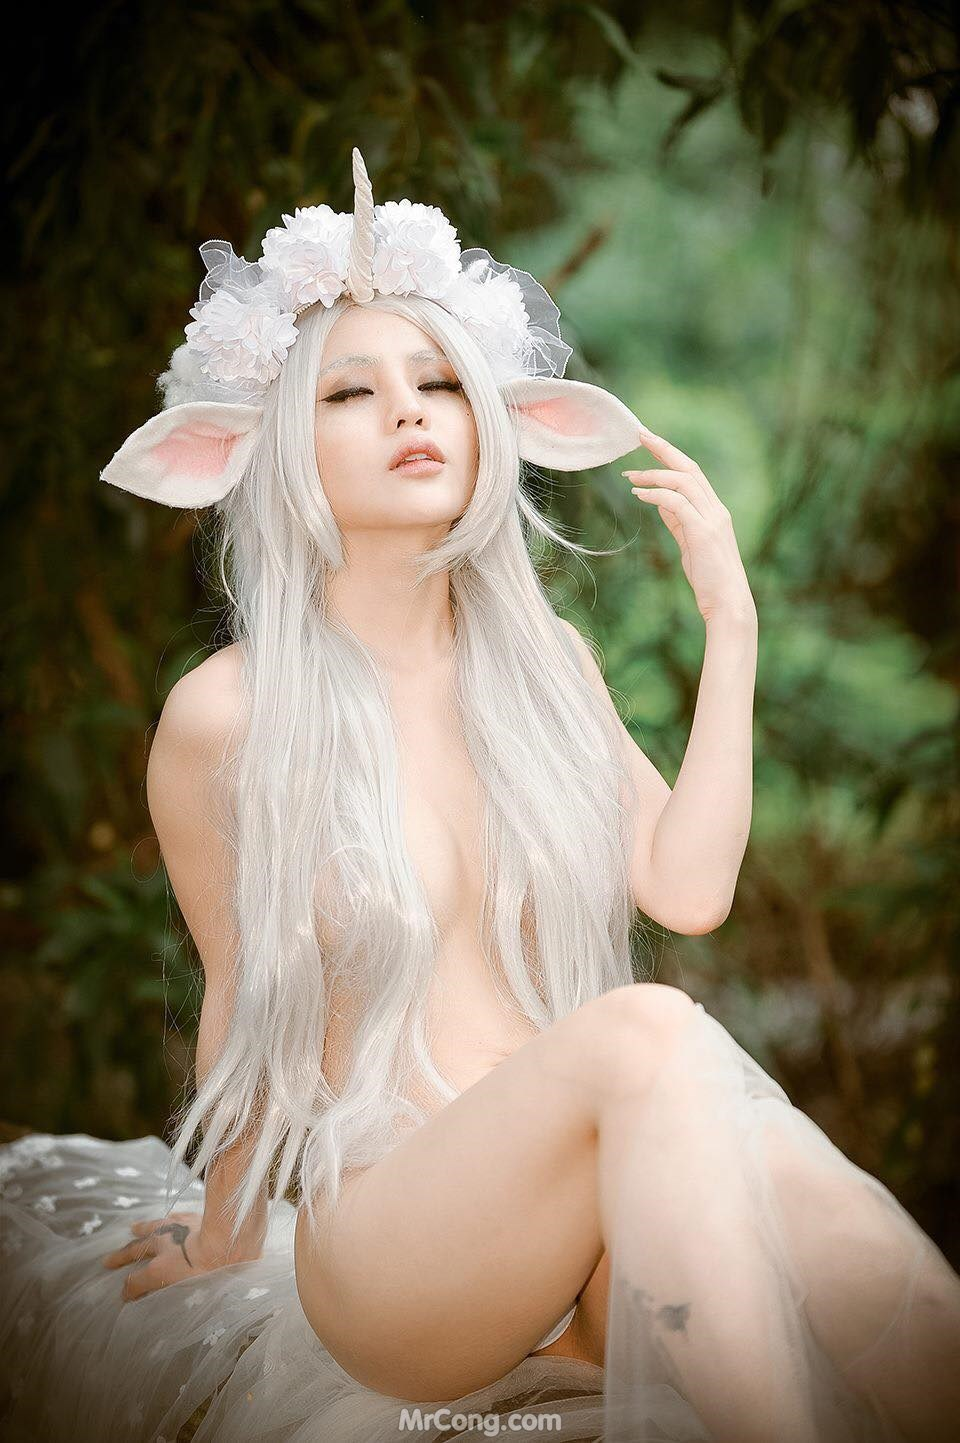 Image Dang-Thi-Trang-Chang-Bong-MrCong.com-001 in post Chang Bông nude táo bạo hóa thân thành tiên nữ (30 ảnh)